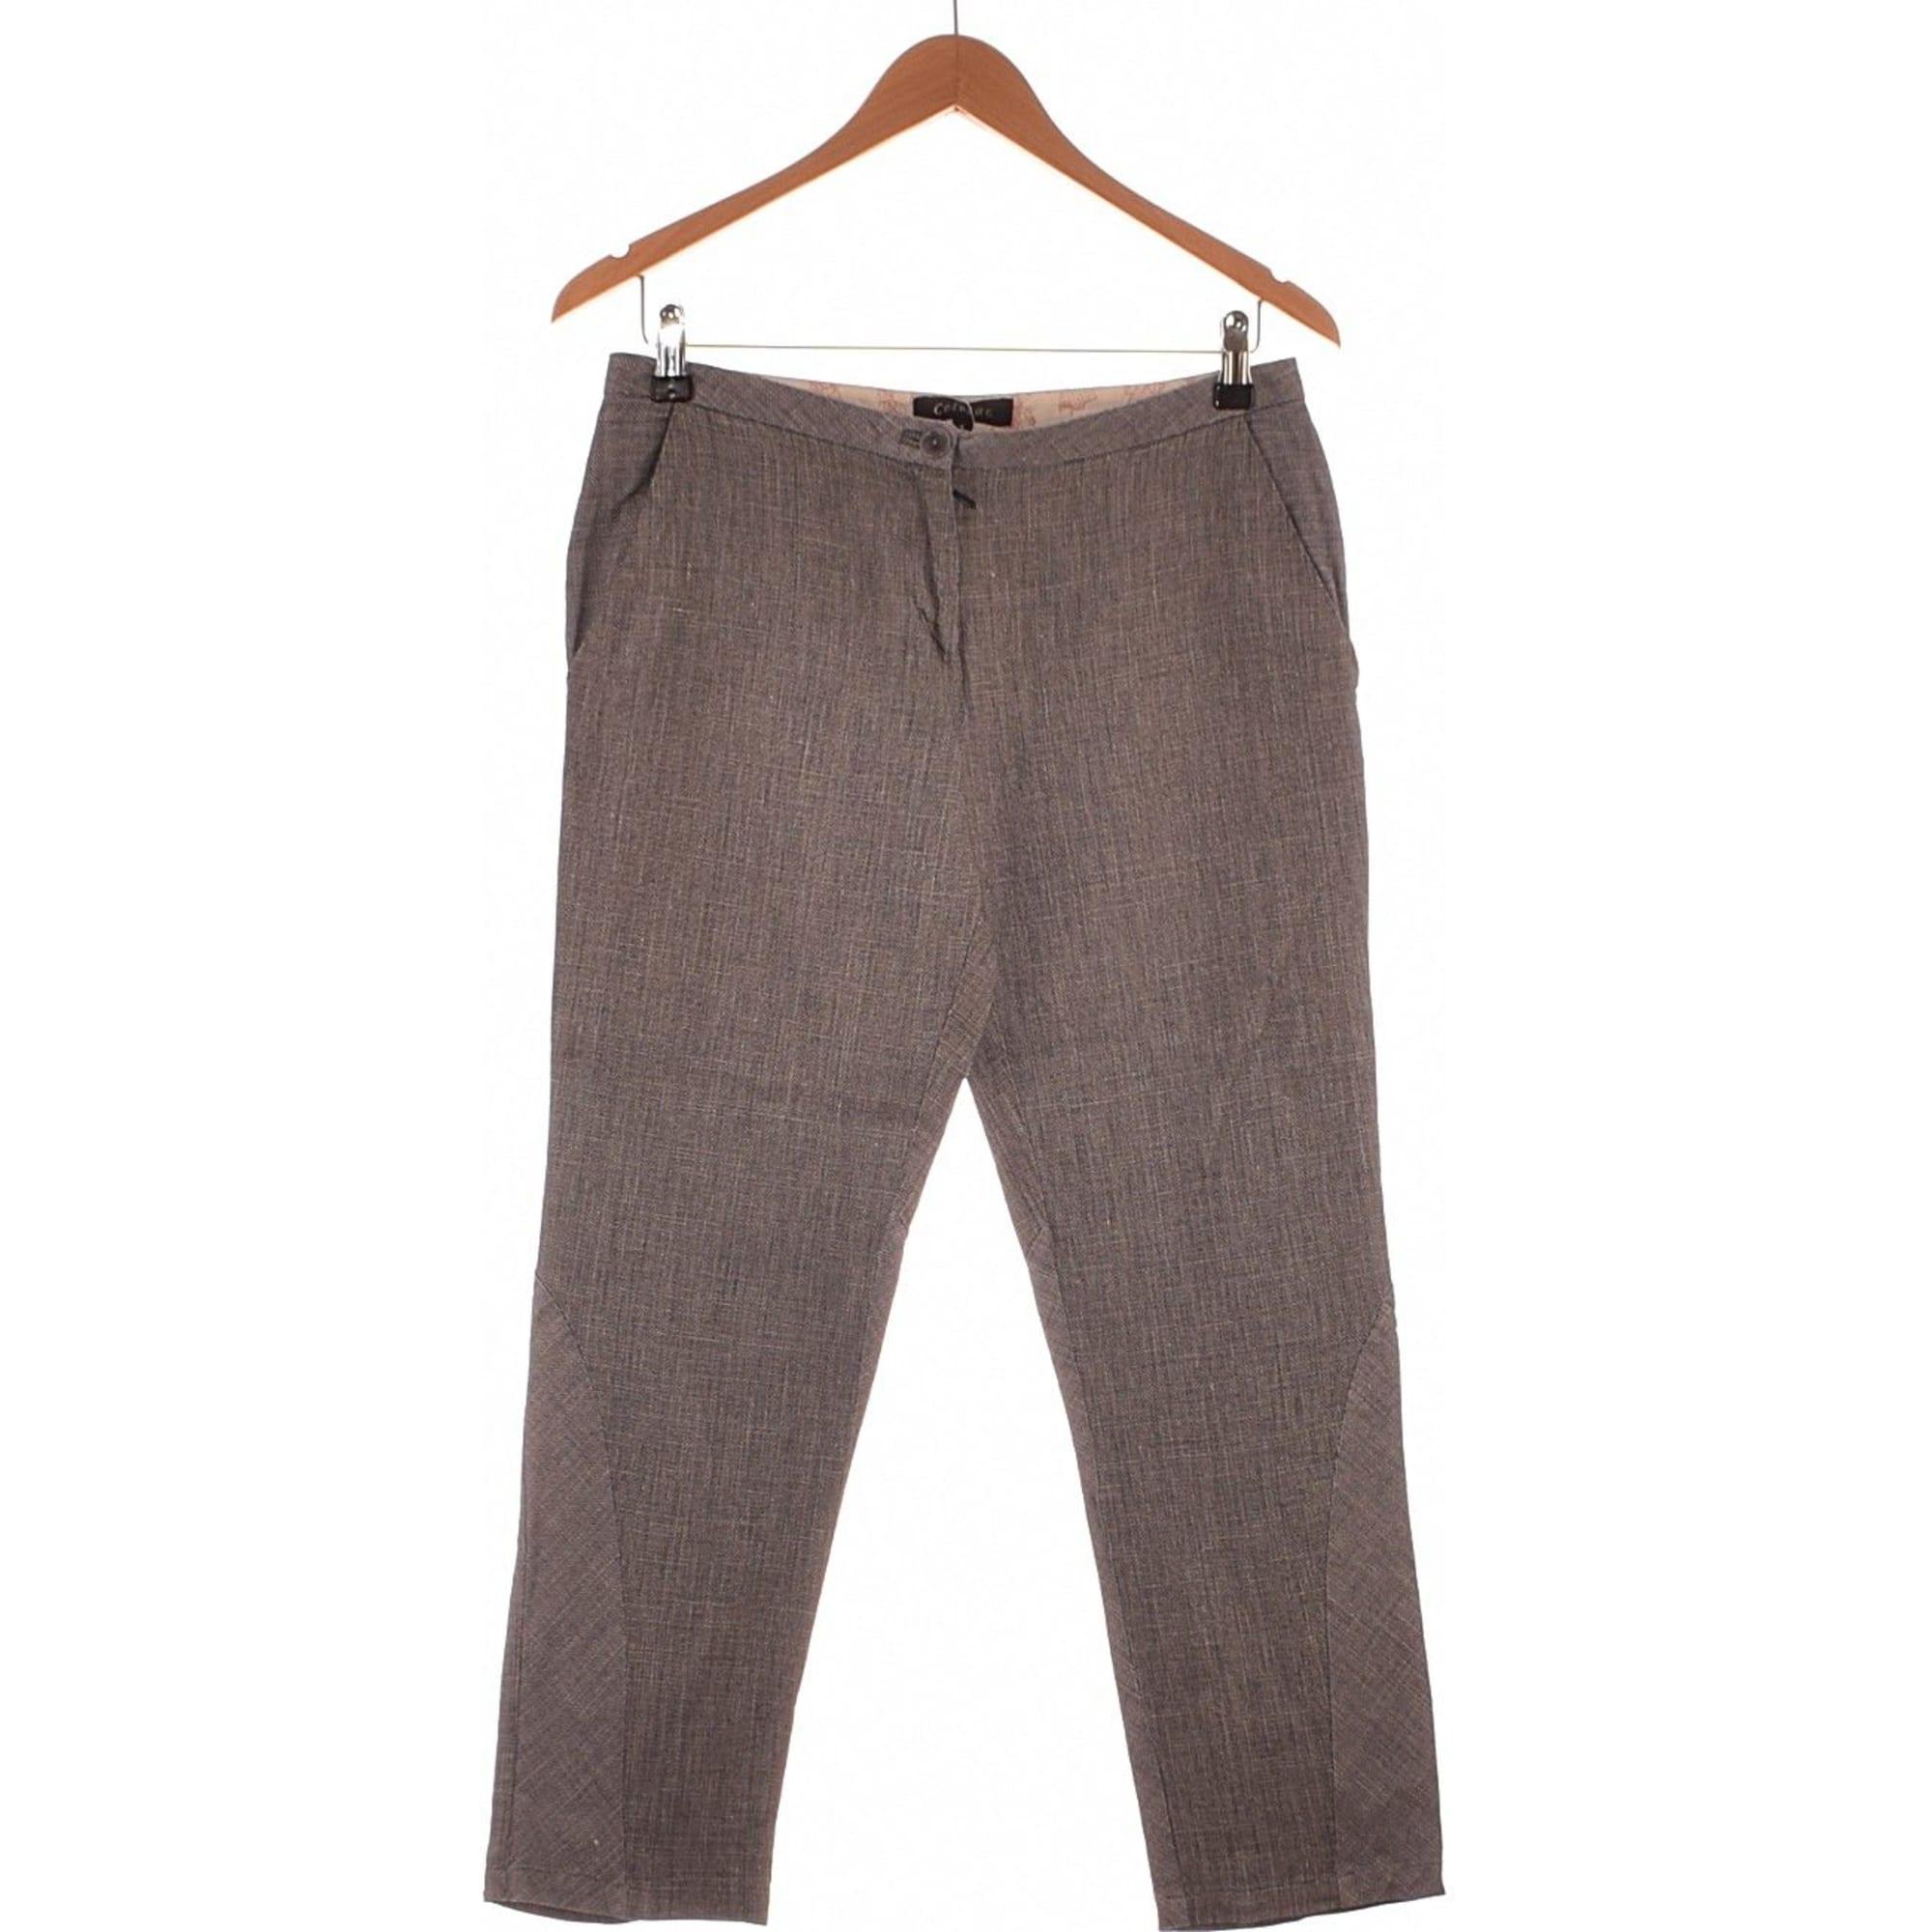 Pantalon droit COTÉLAC Gris, anthracite